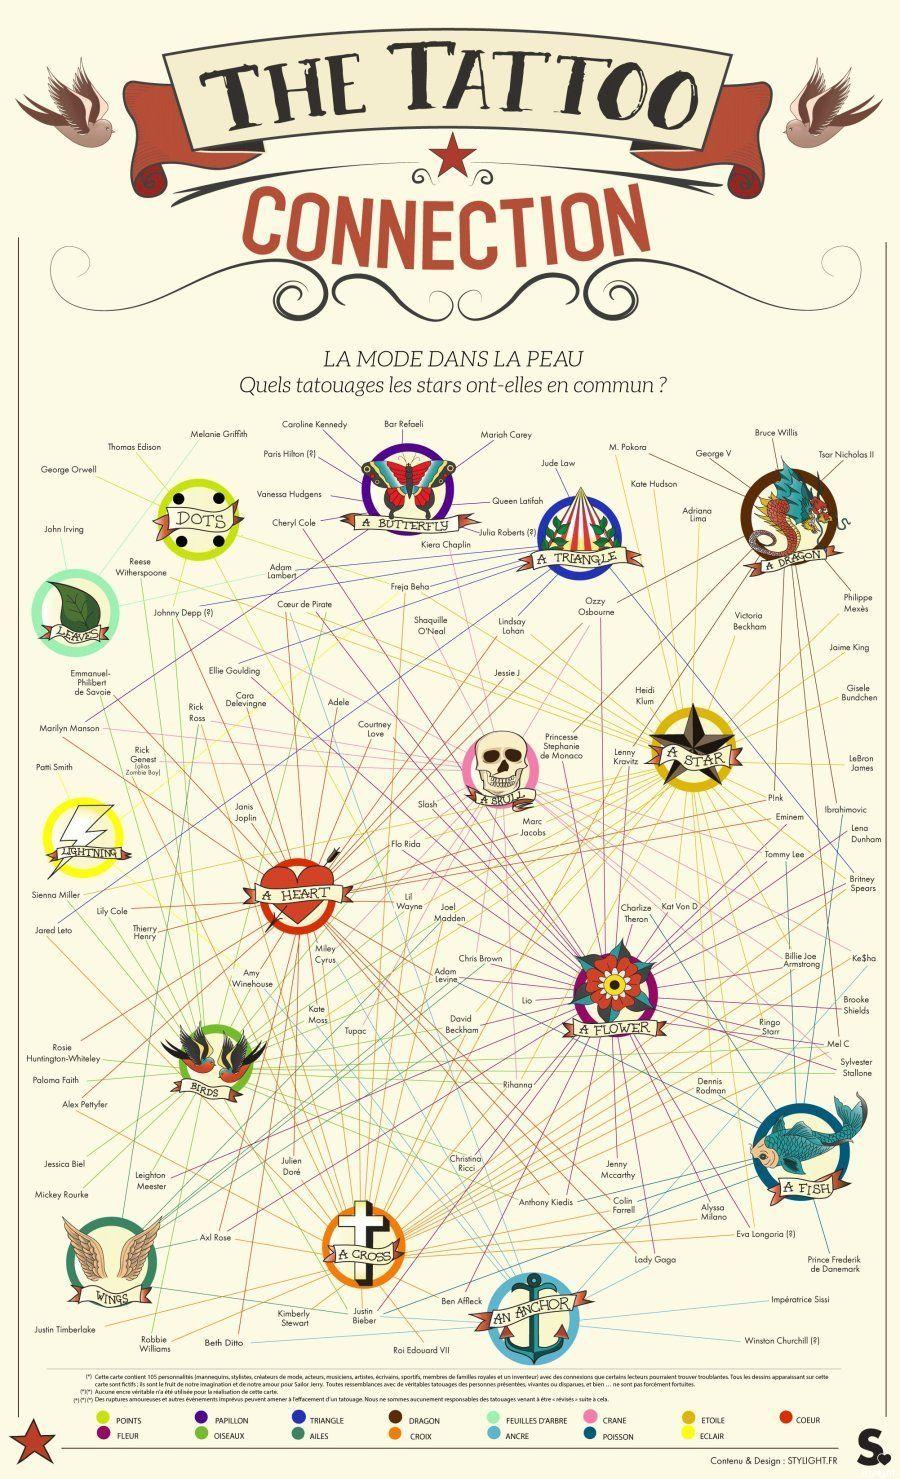 Tatouages et célébrités: les dessins que les personnalités partagent le